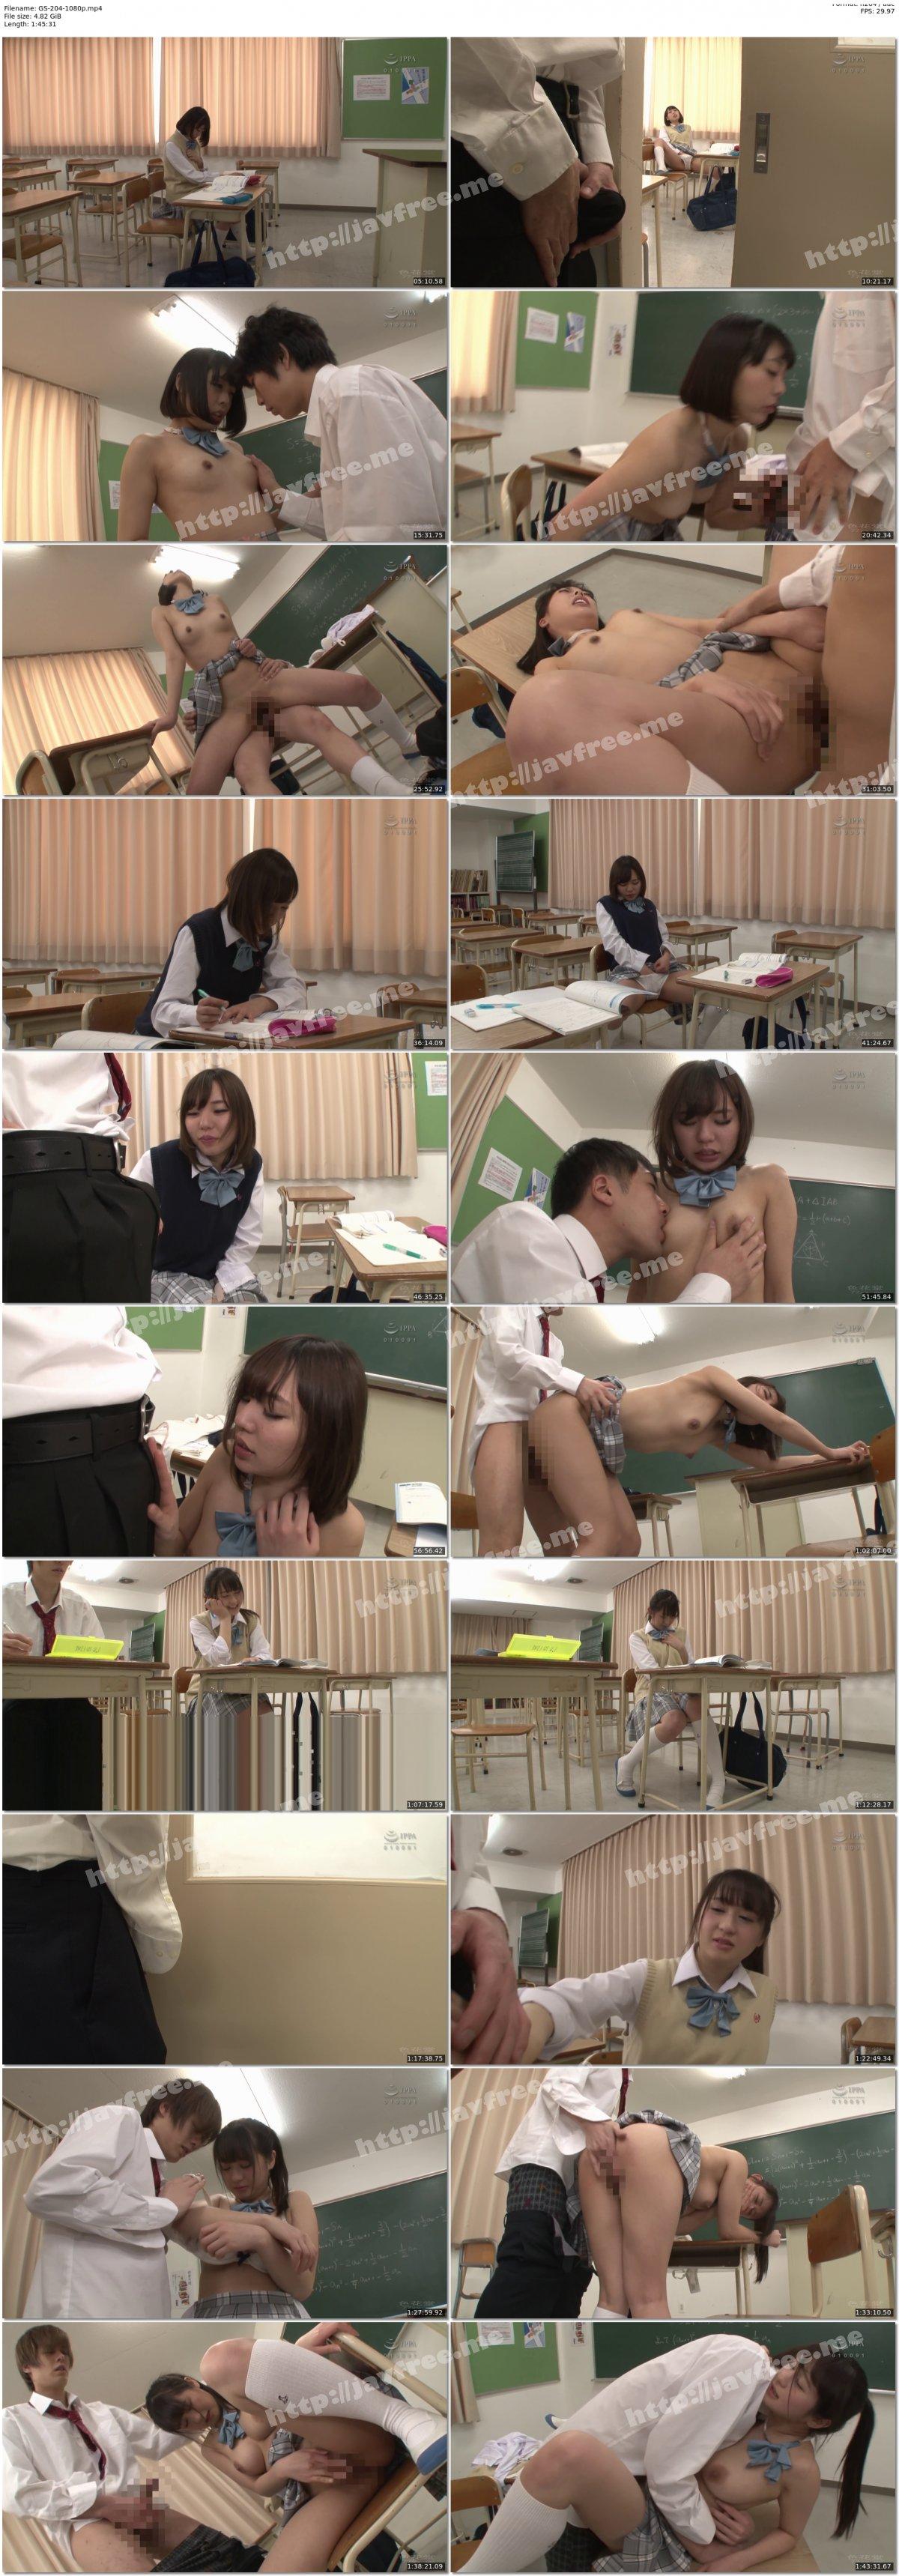 [HD][GS-204] 放課後2人だけで居残り勉強をしている僕とクラスの女子。用事があって一旦教室を離れ戻ってきたら…勉強ばかりで欲求不満な女子がオナニー中!?バレないように覗いていたら…ソソられ勃起してしまい僕も思わずオナニー! - image GS-204-1080p on https://javfree.me